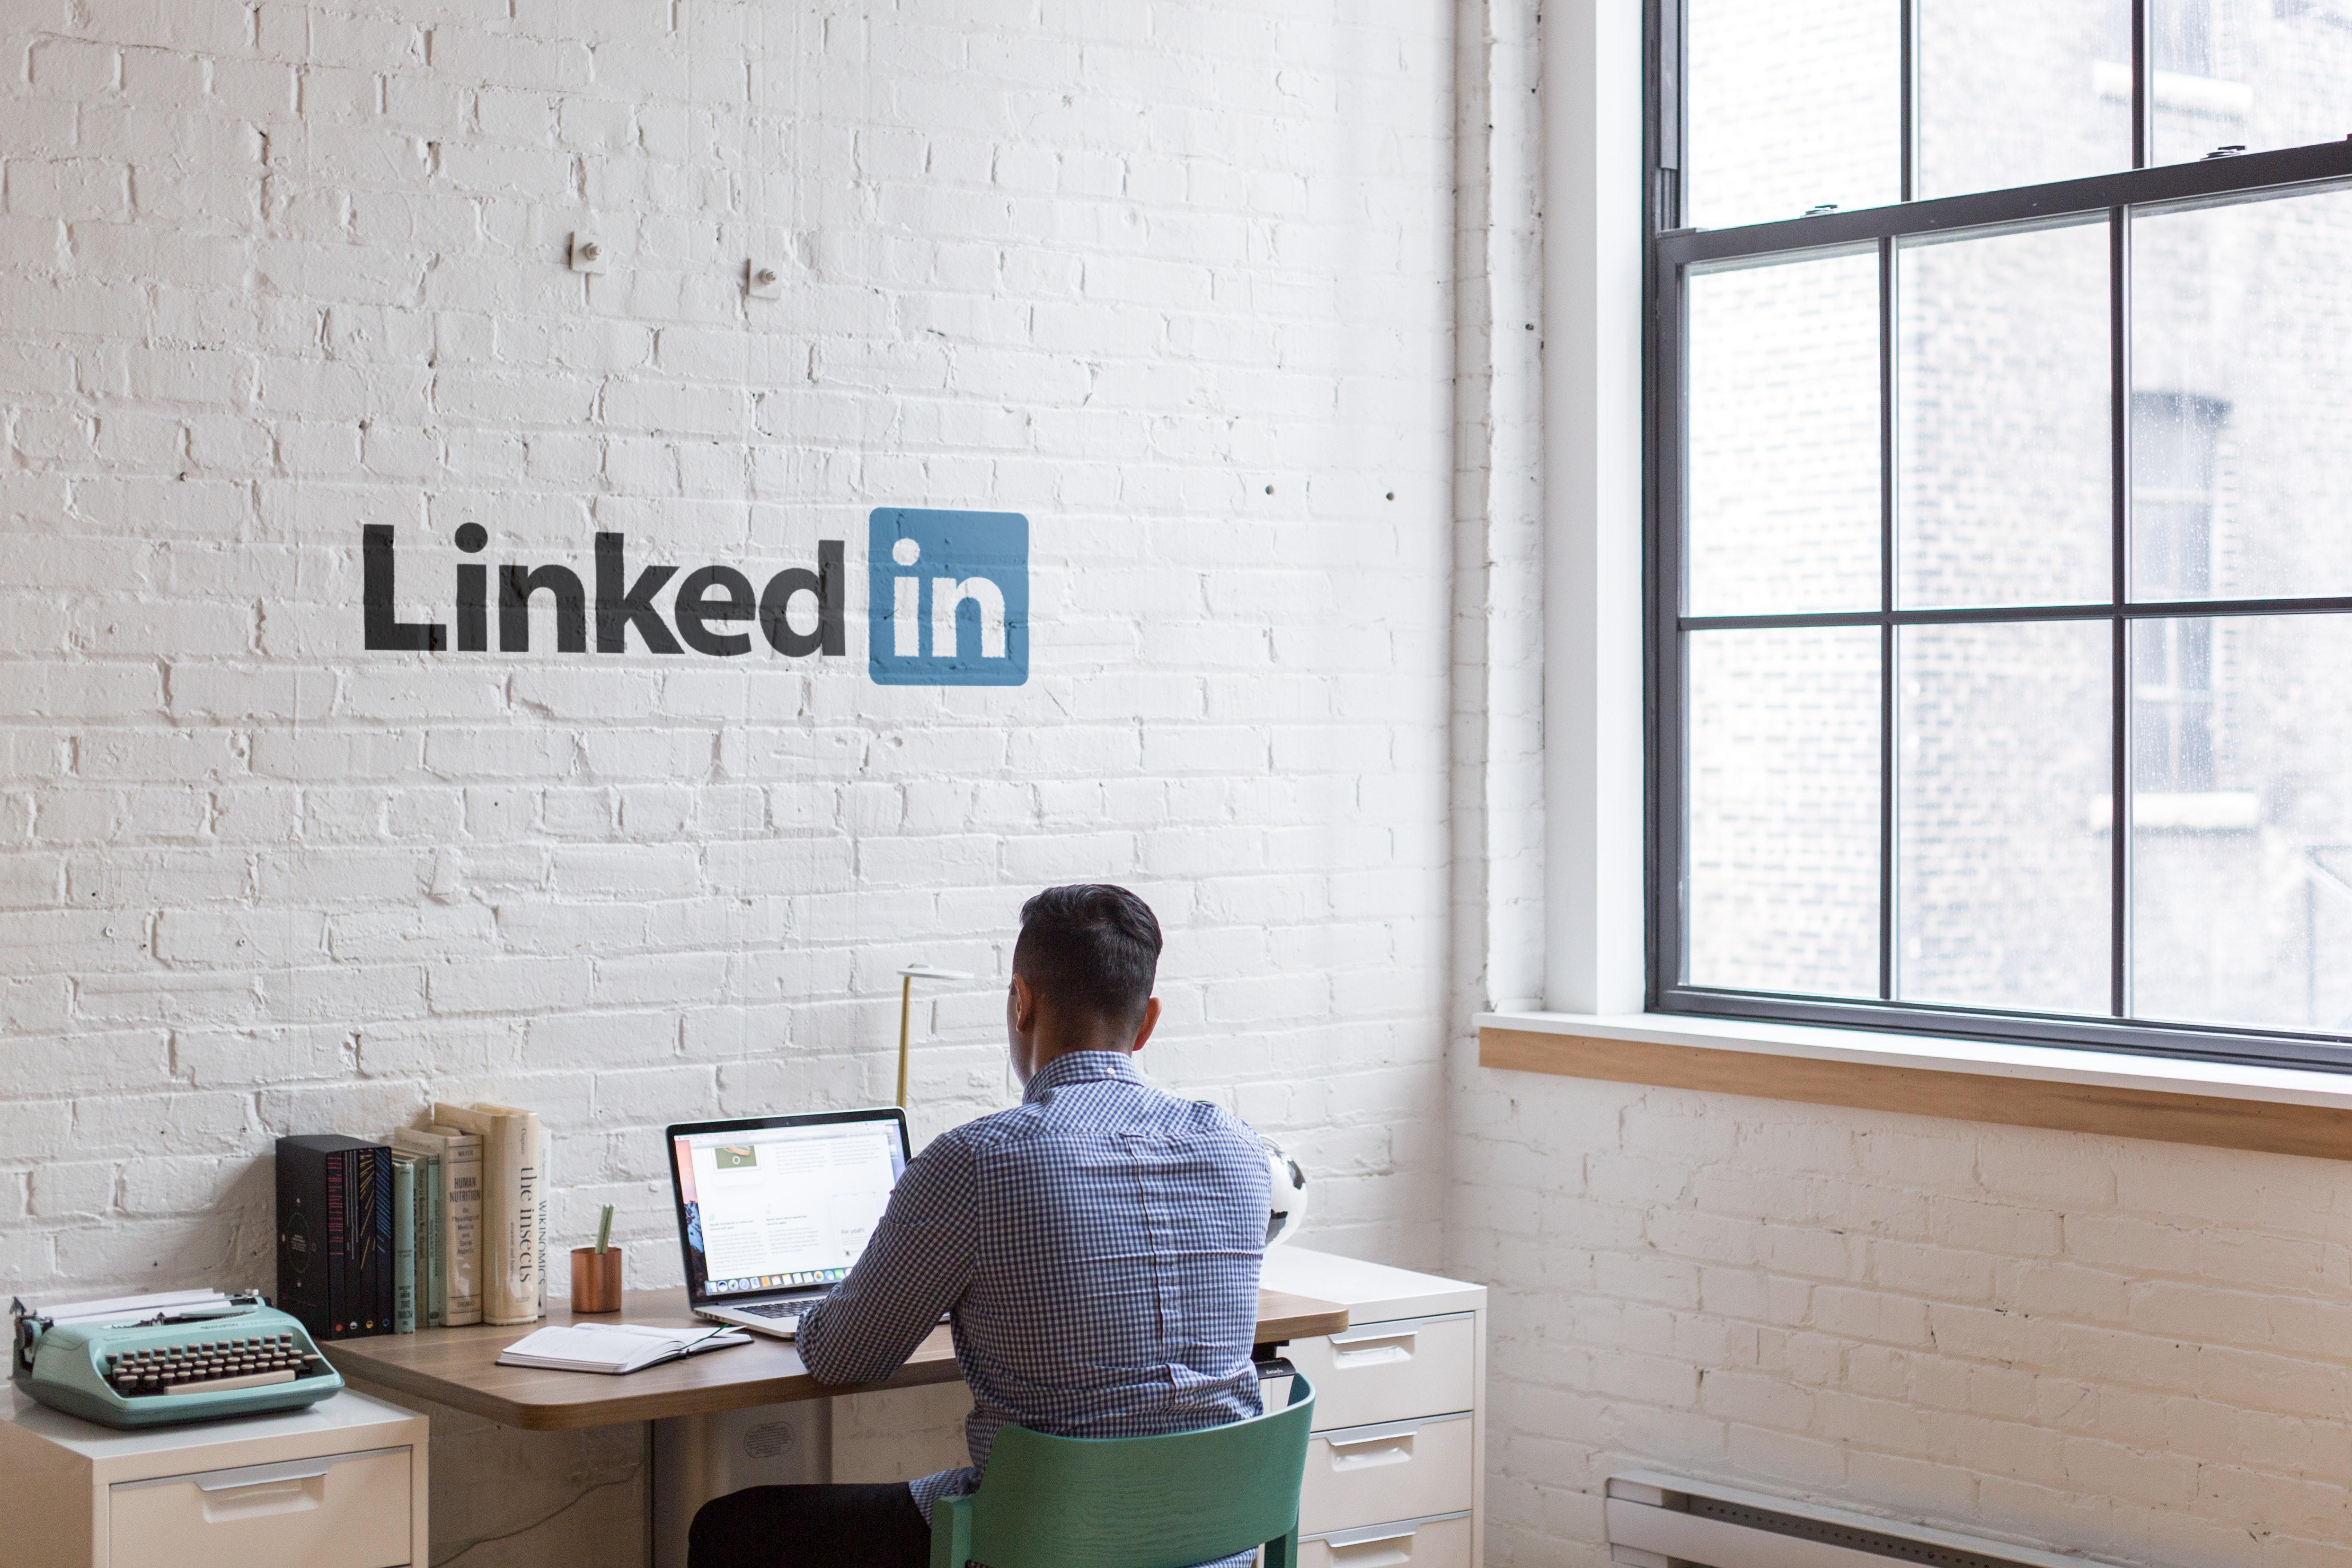 corso Linkedin aziendale online per professionisti